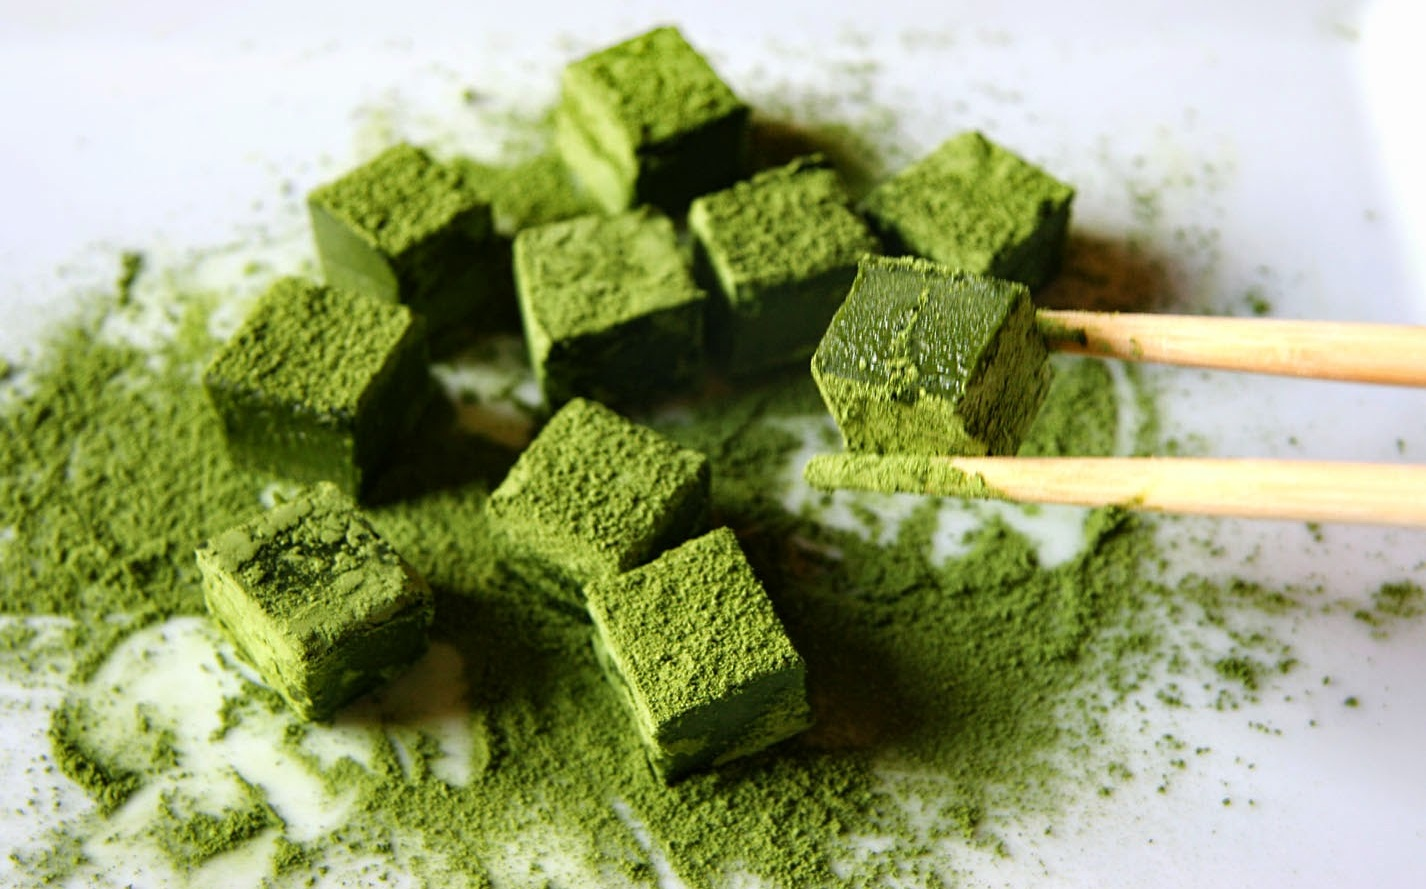 cách làm socola tươi trà xanh Cách làm socola tươi trà xanh tặng người thân yêu cach lam socola tuoi tra xanh 3